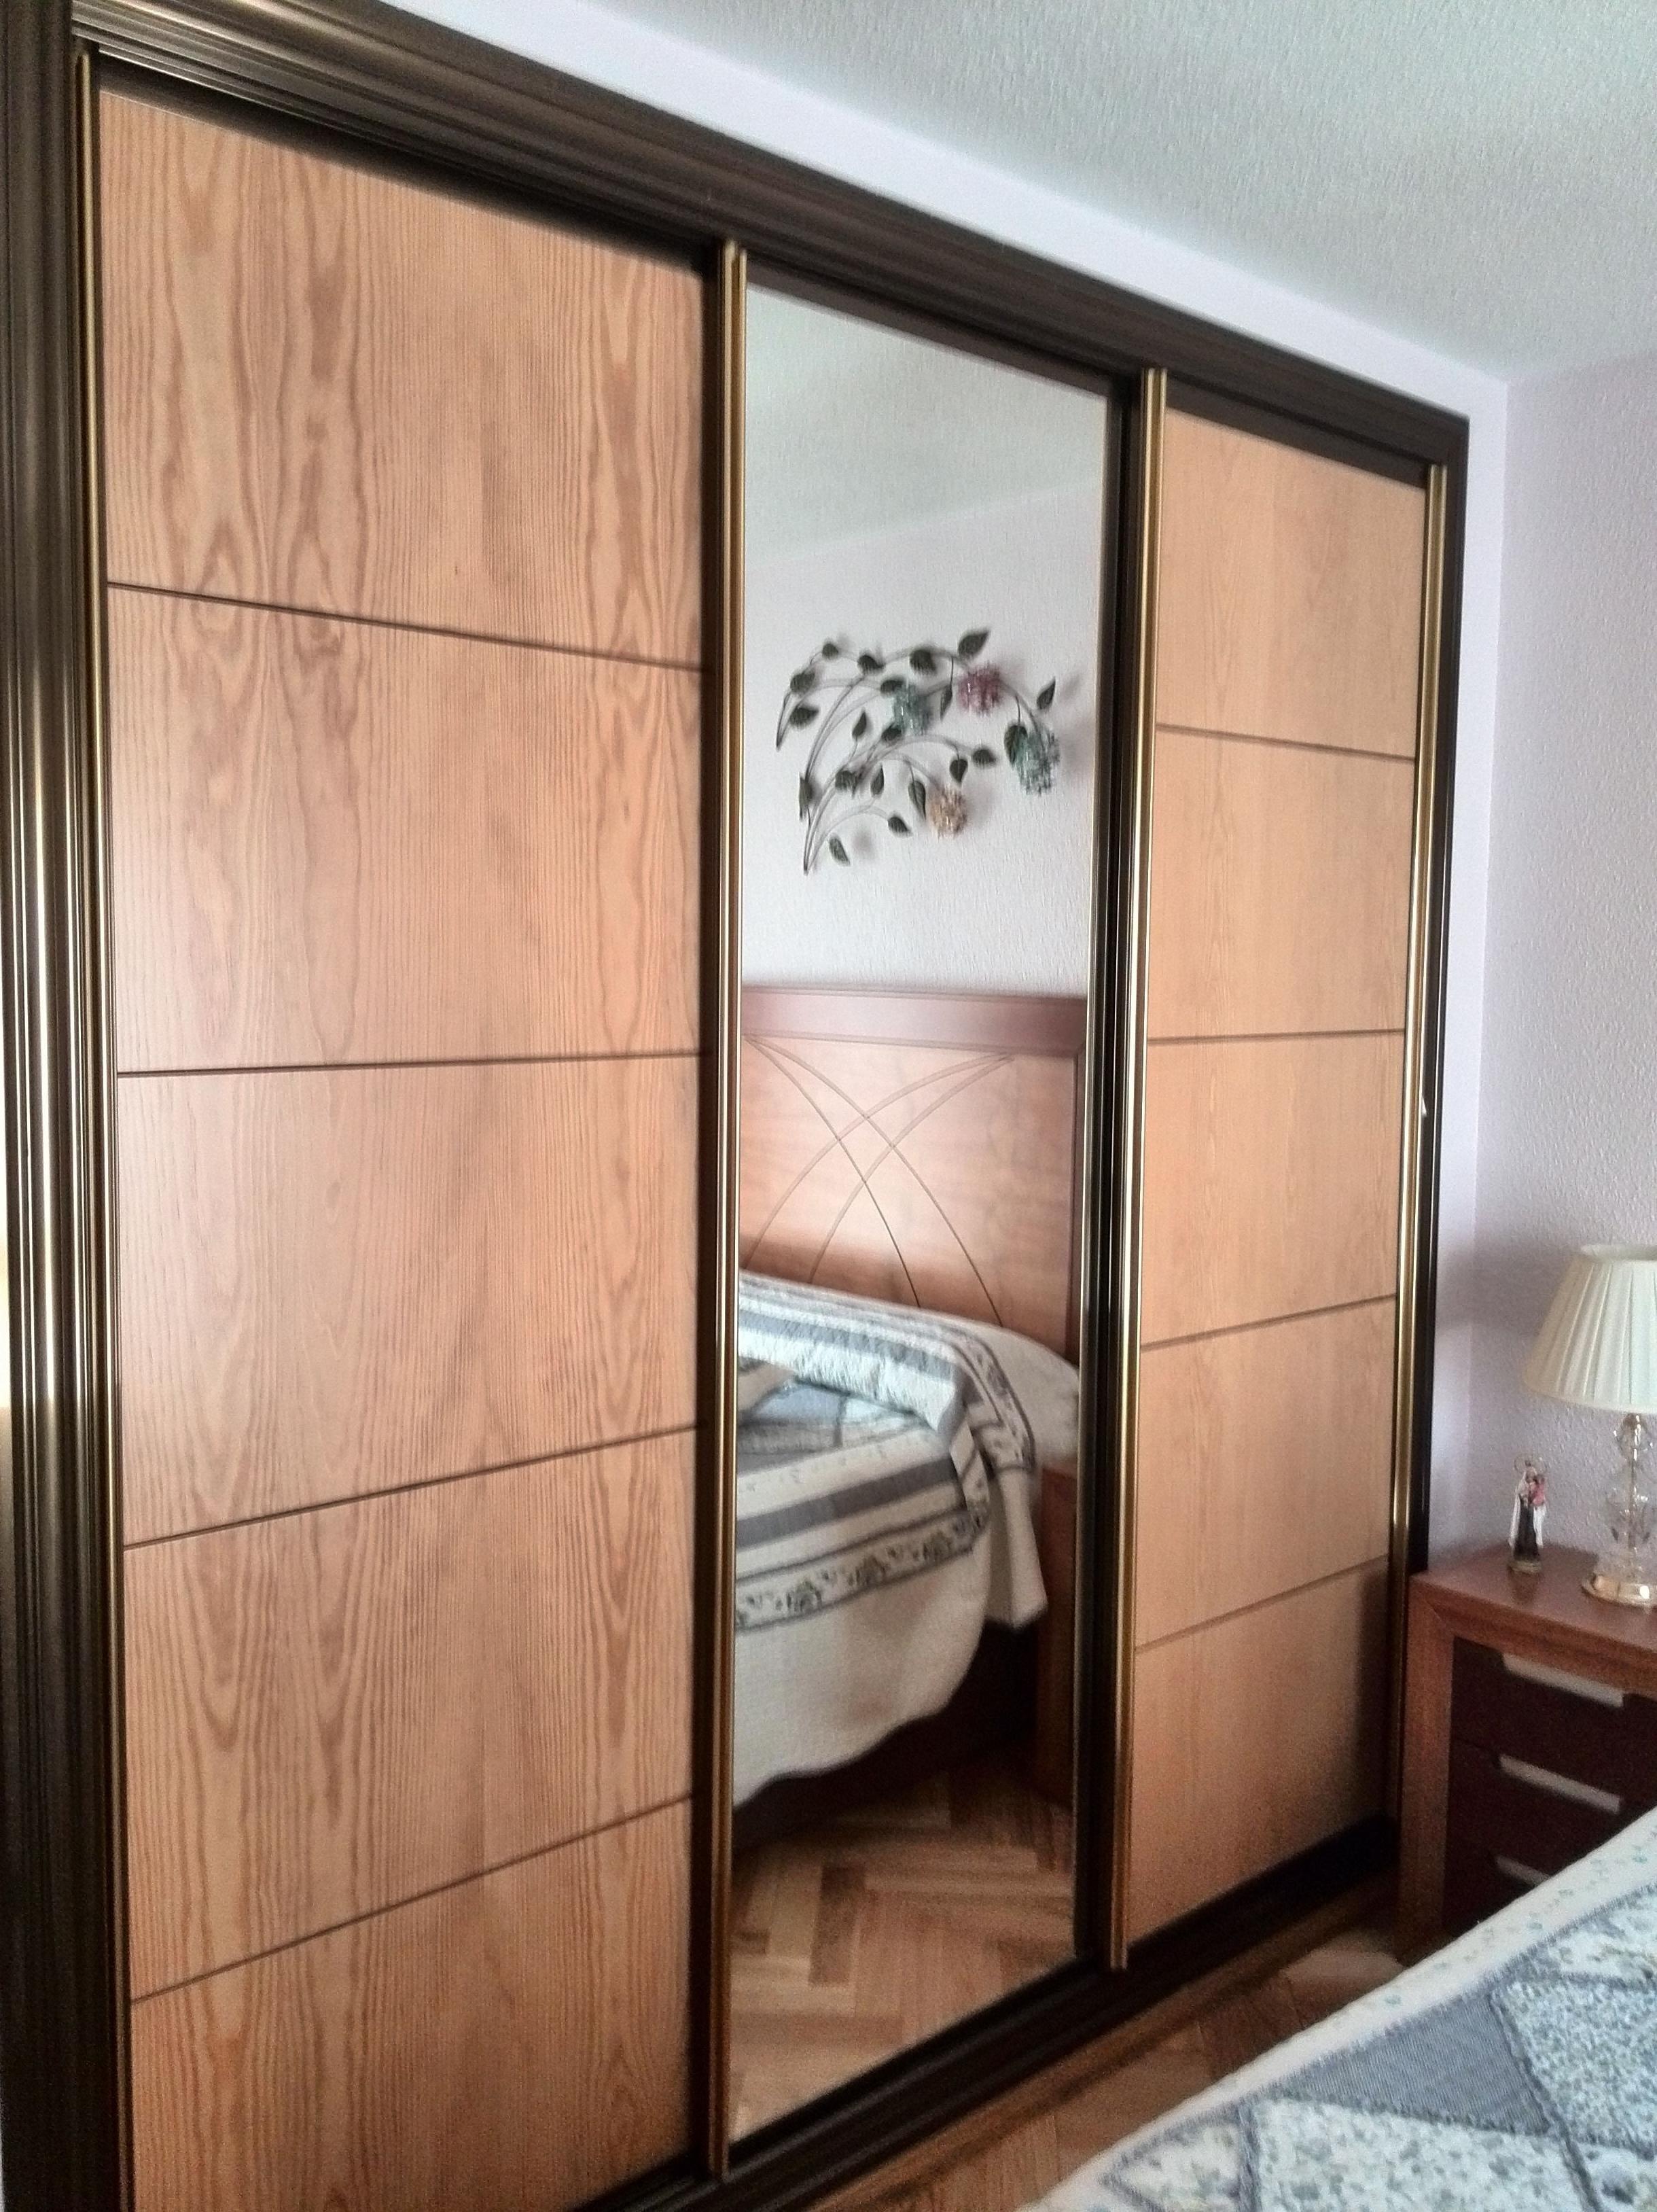 Muebles a medida en legan s con calidad y dise o - Carpinteria leganes ...